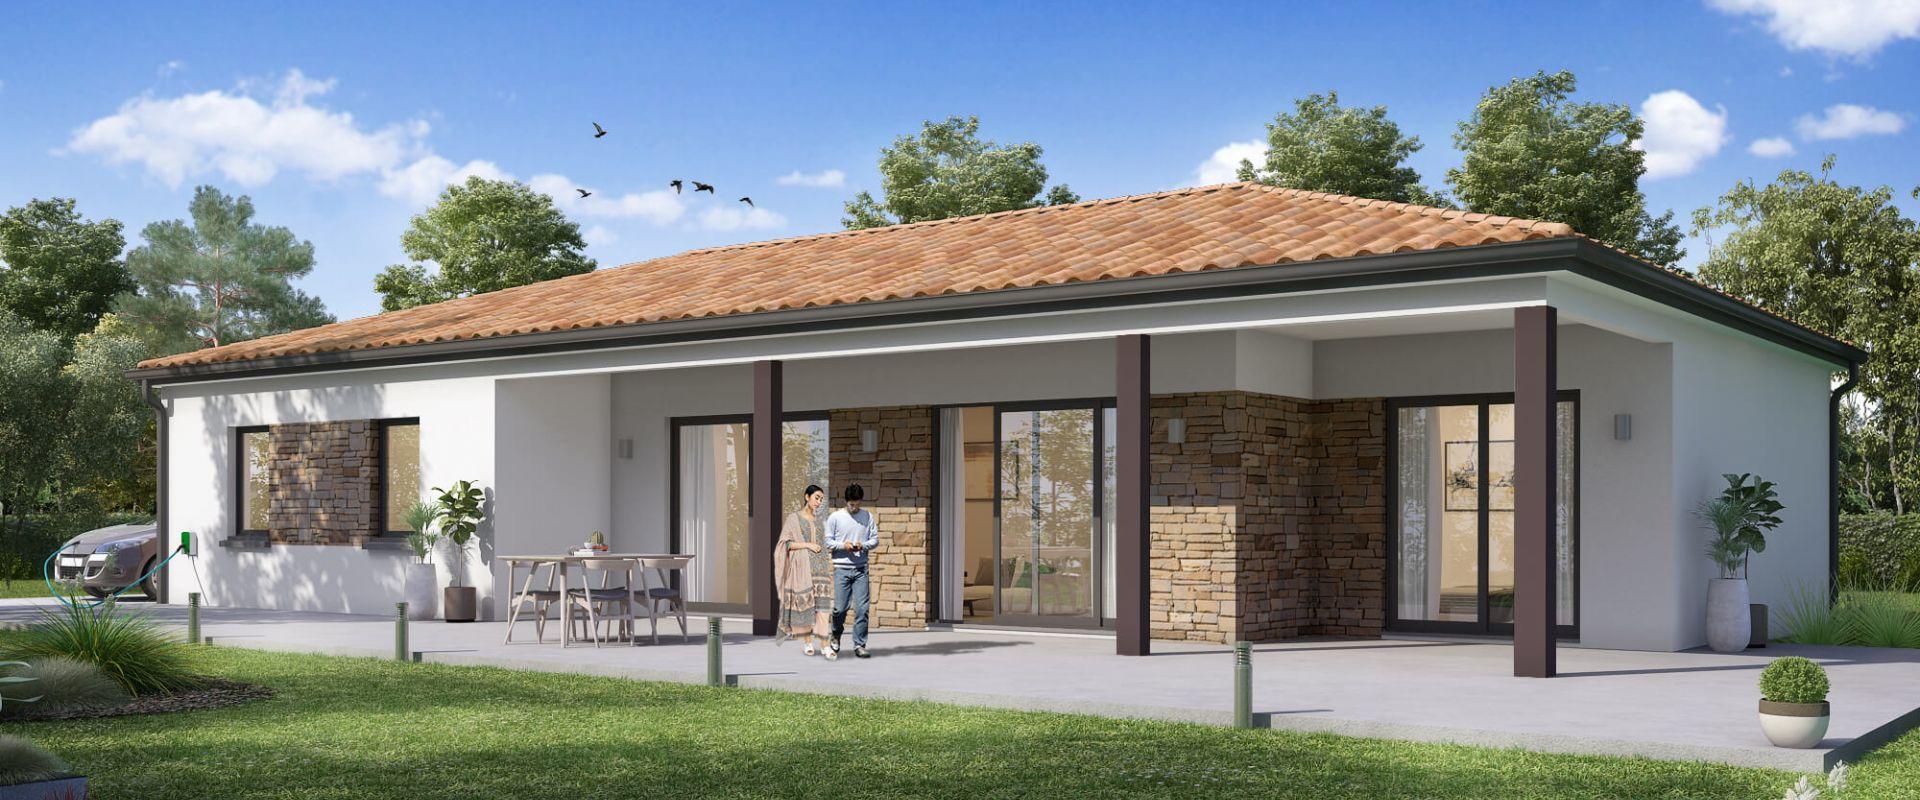 Maisons + Terrains du constructeur MAISONS OLMIERE • 110 m² • LISLE SUR TARN